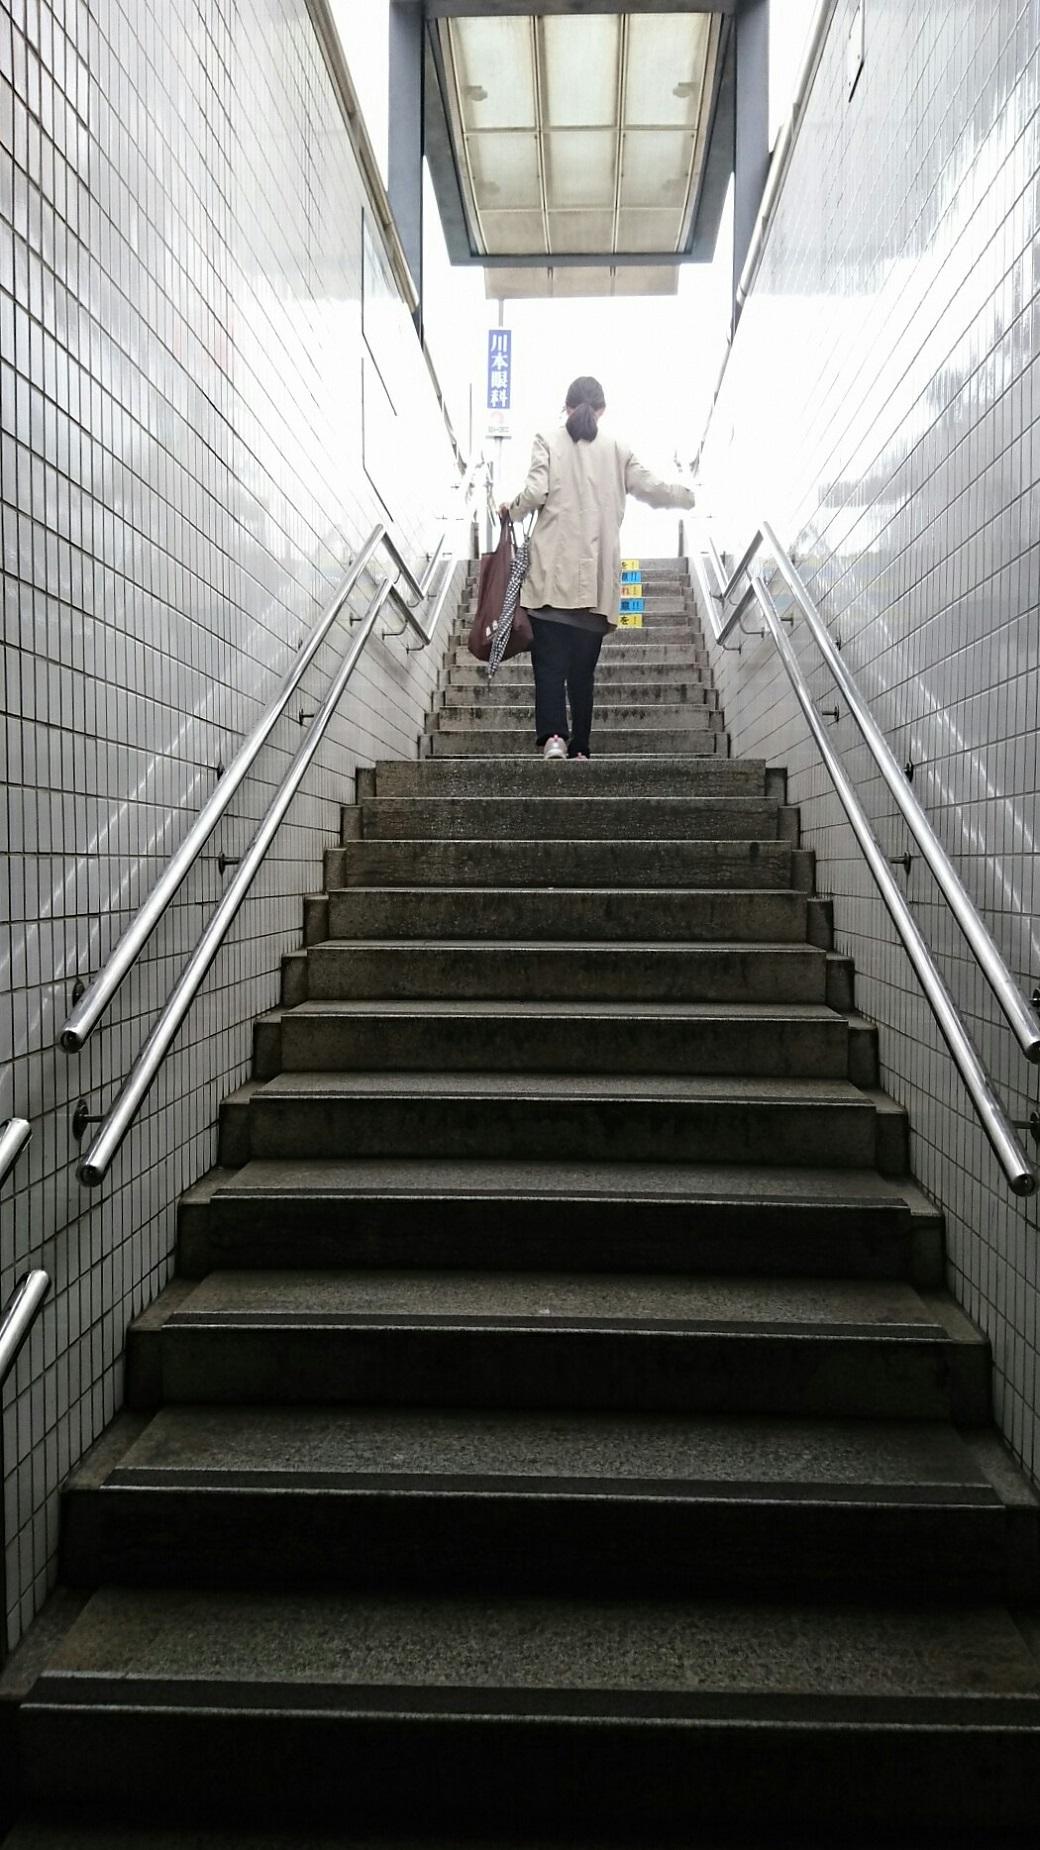 2018.4.11 名古屋 (29) 桜本町 - でぐち 1040-1850